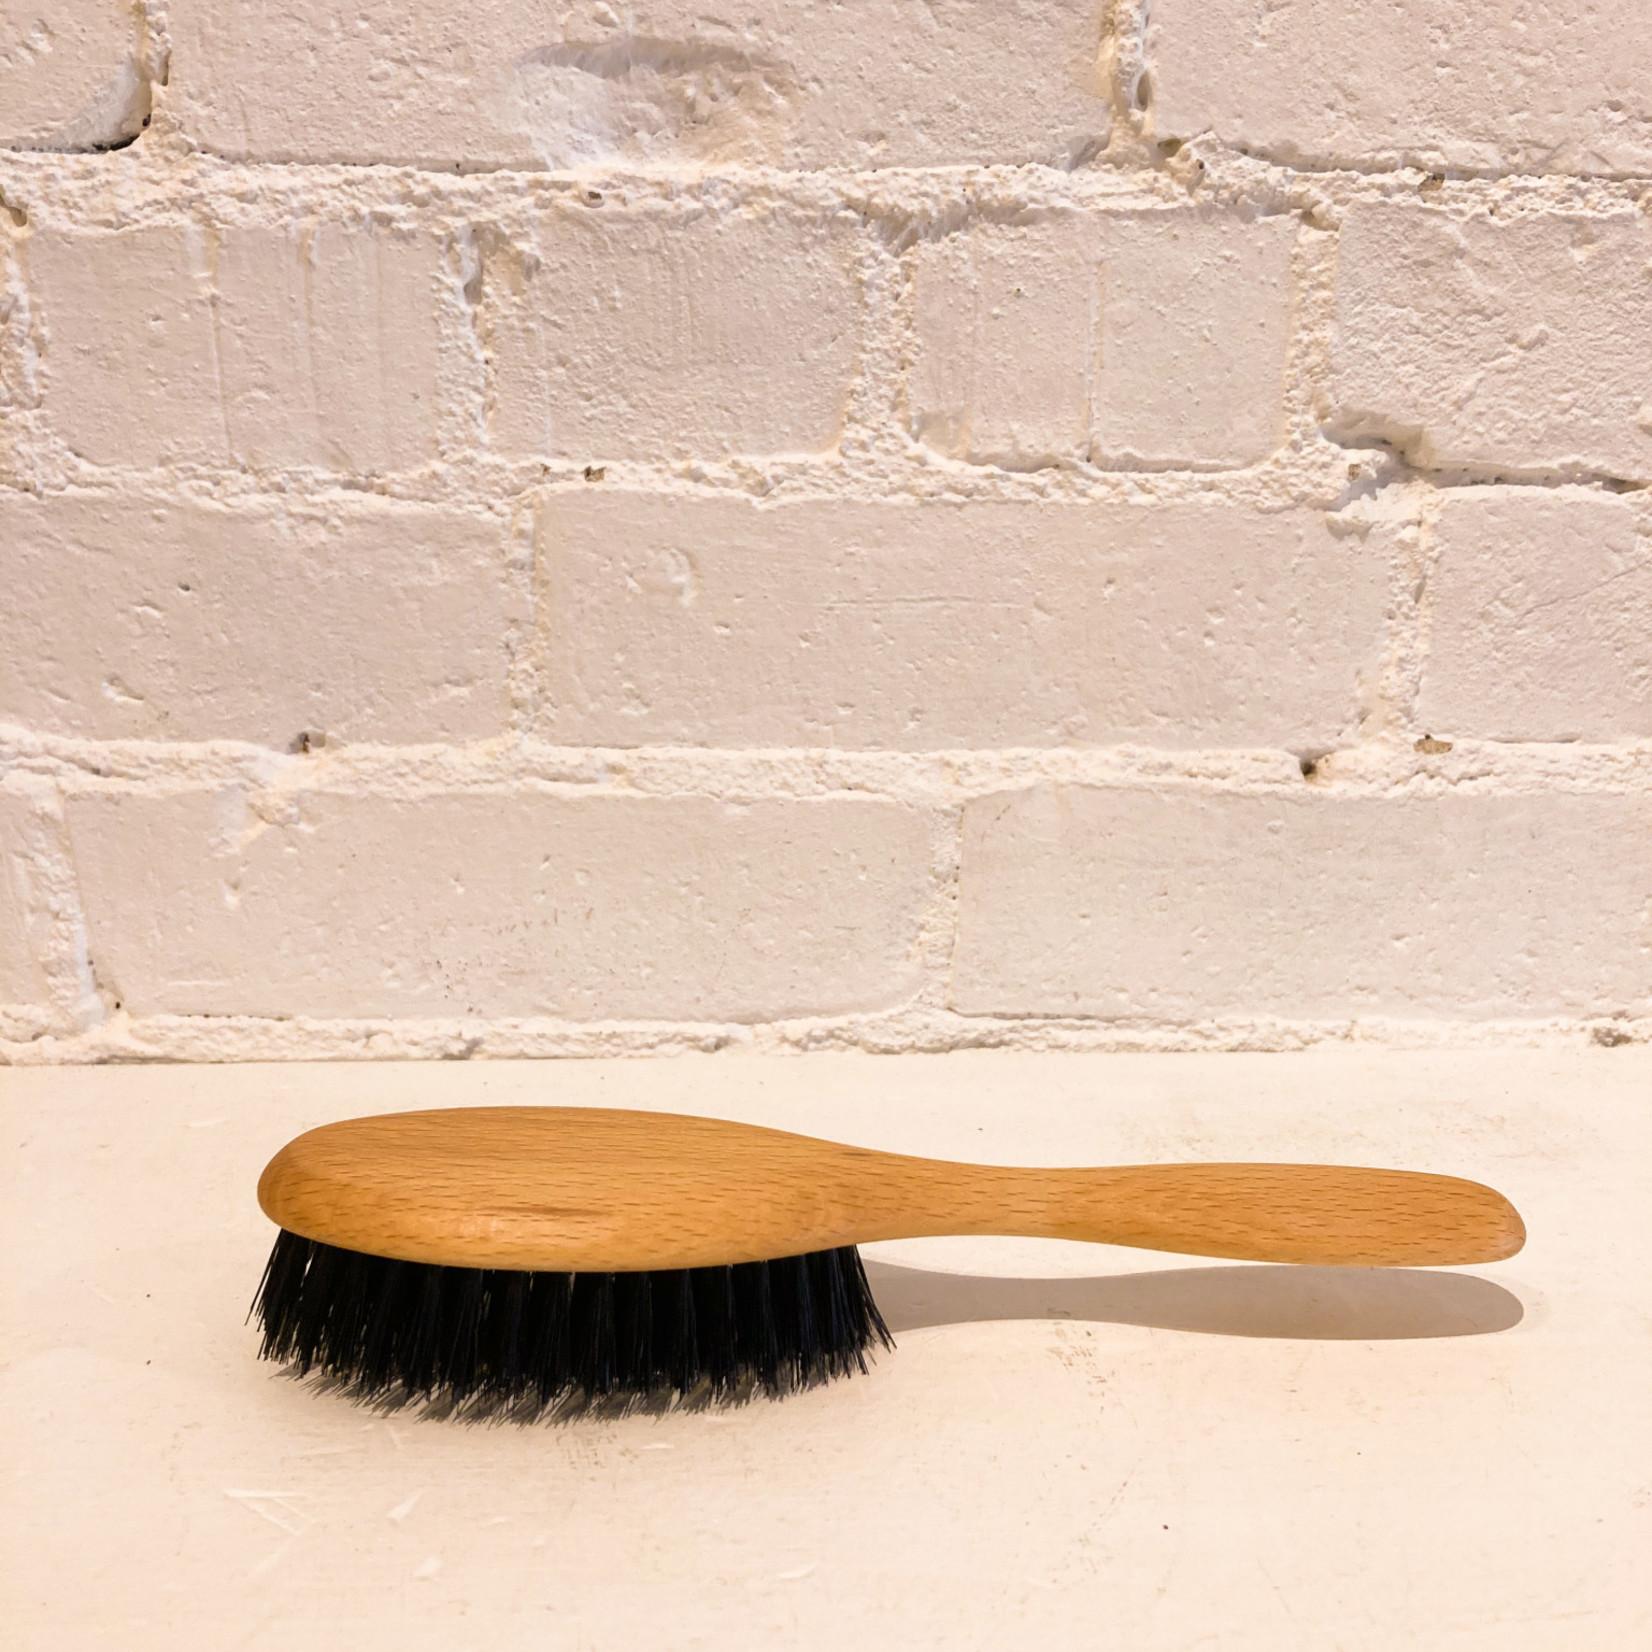 Redecker Oiled Beechwood Hairbrush